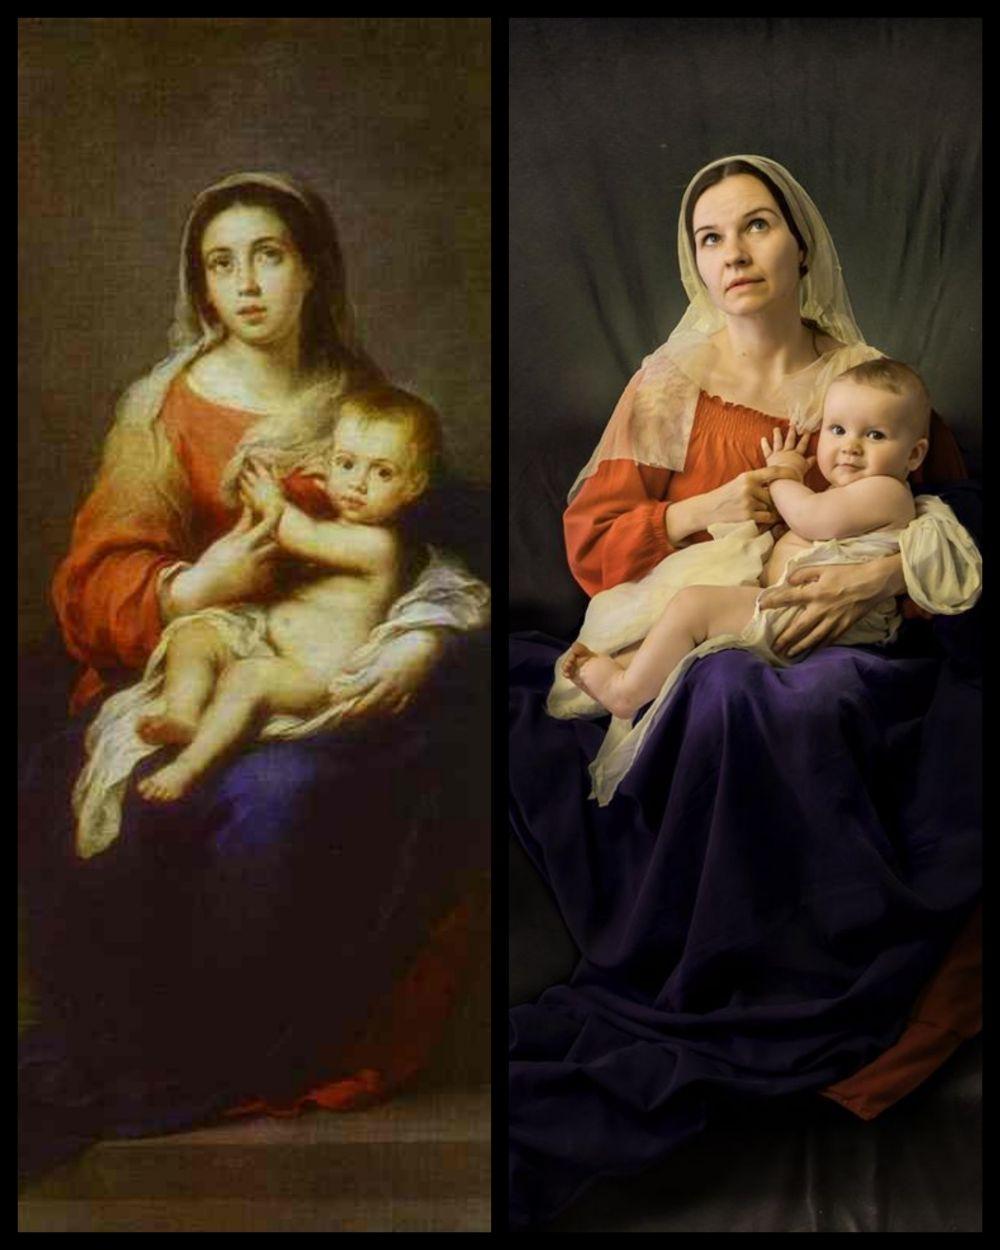 «Мадонна с Младенцем», художник - Бартоломео Эстебан Мурильо. Сложно отличить от оригинала.